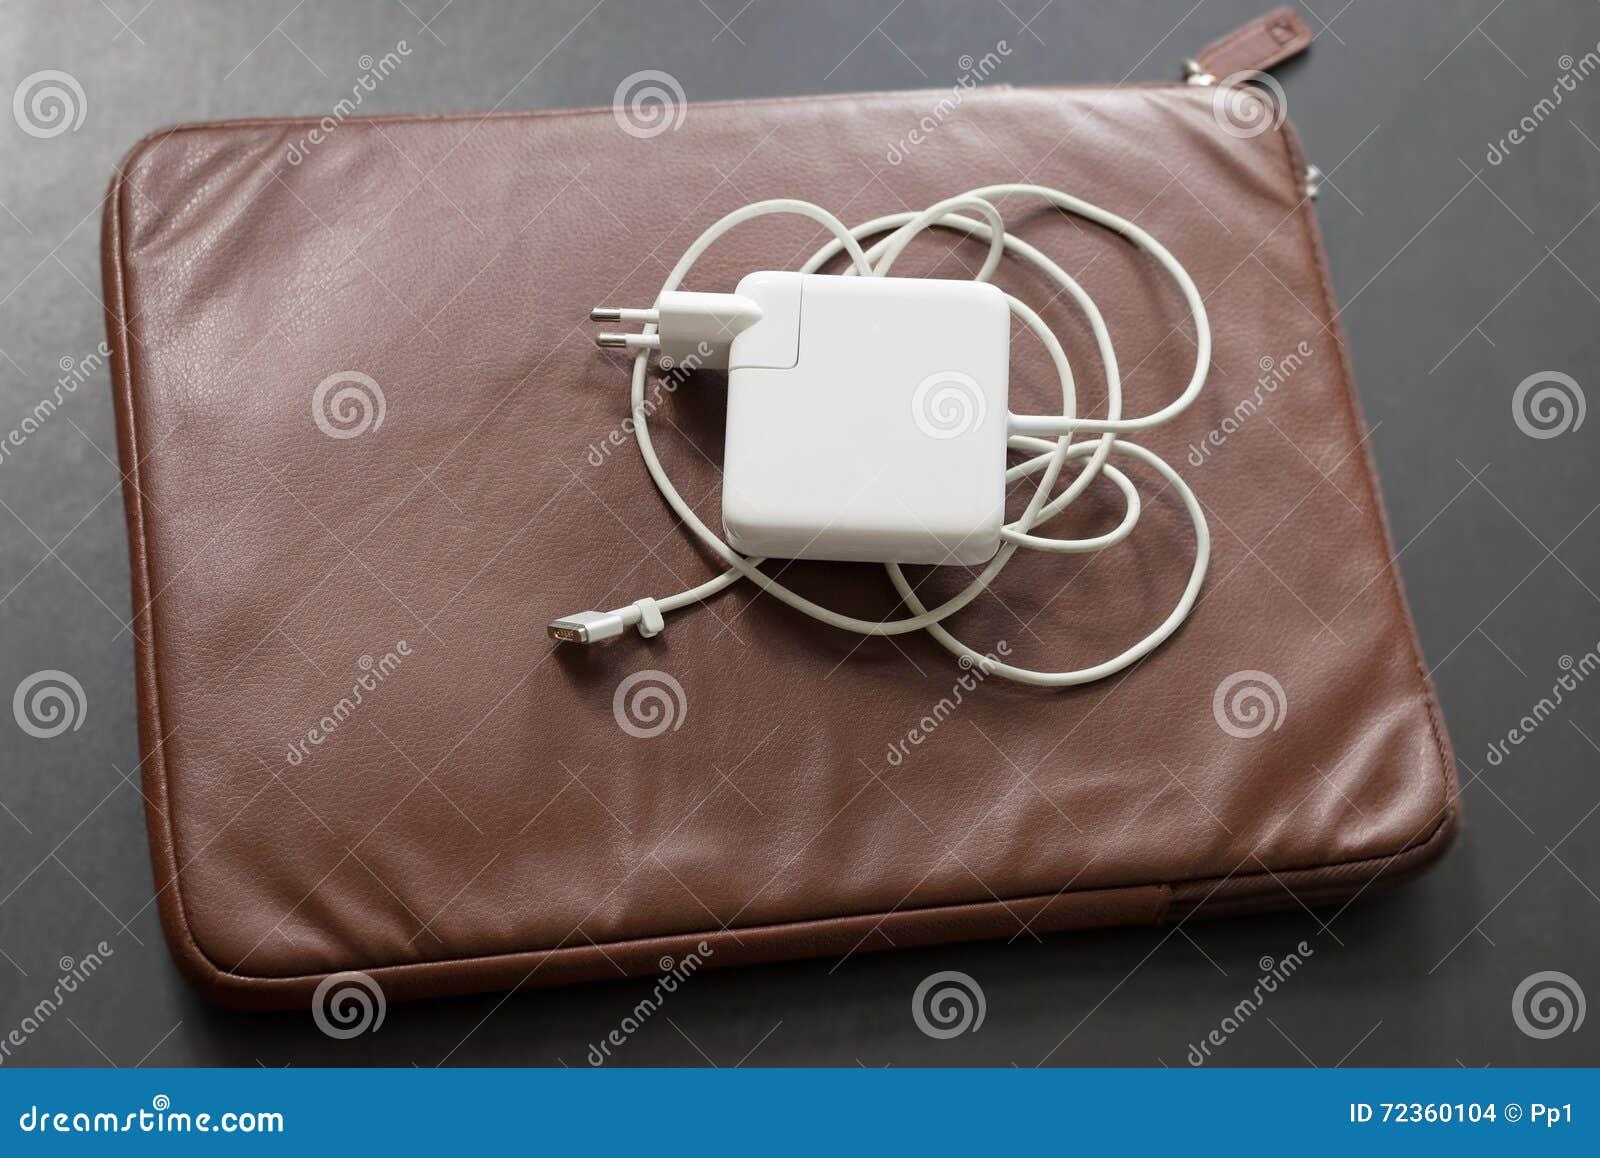 便携式计算机白色充电器褐色皮革盒